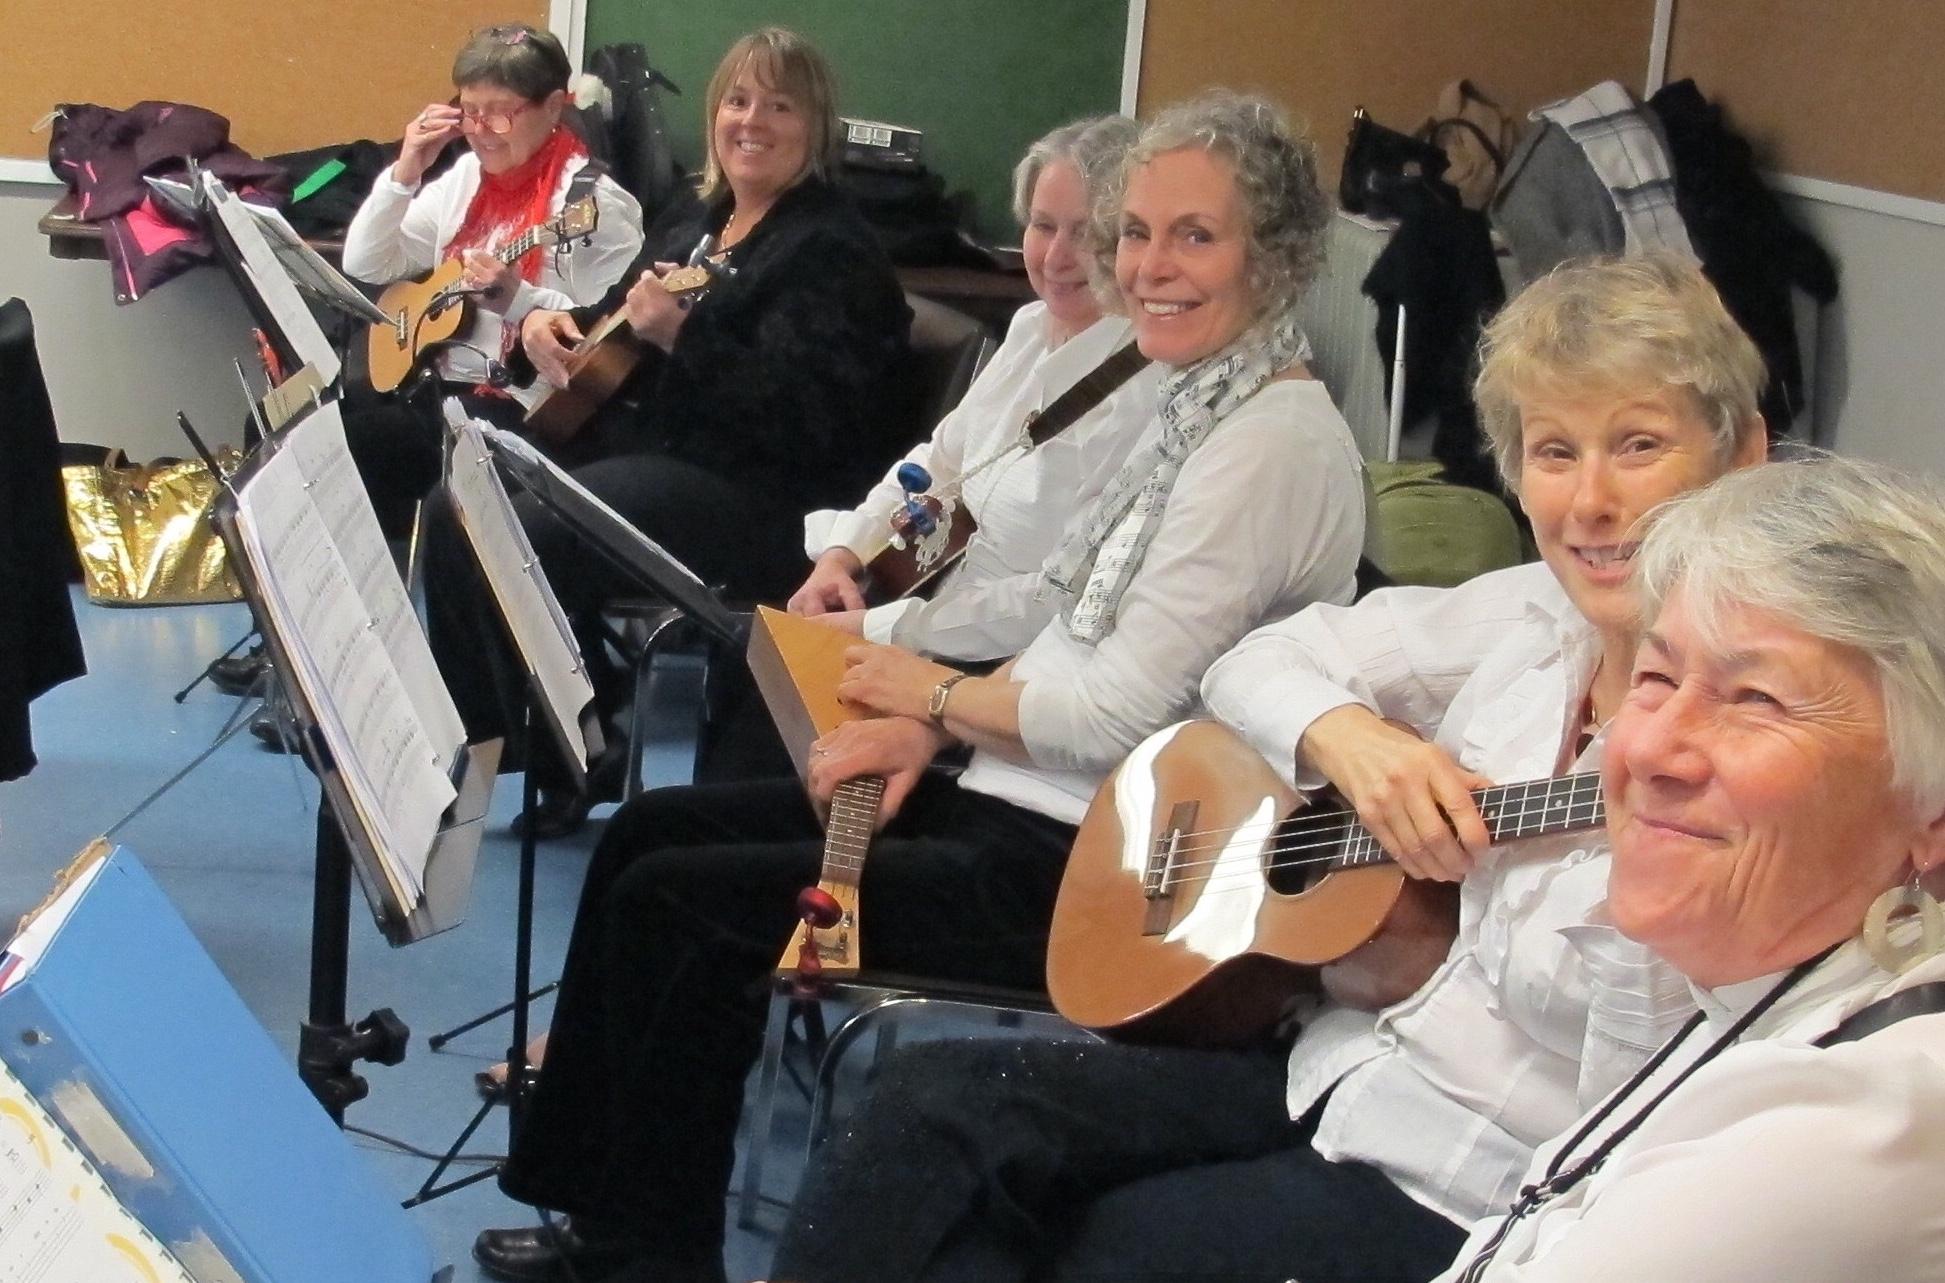 Vancouver Island Ukelele Orchestra